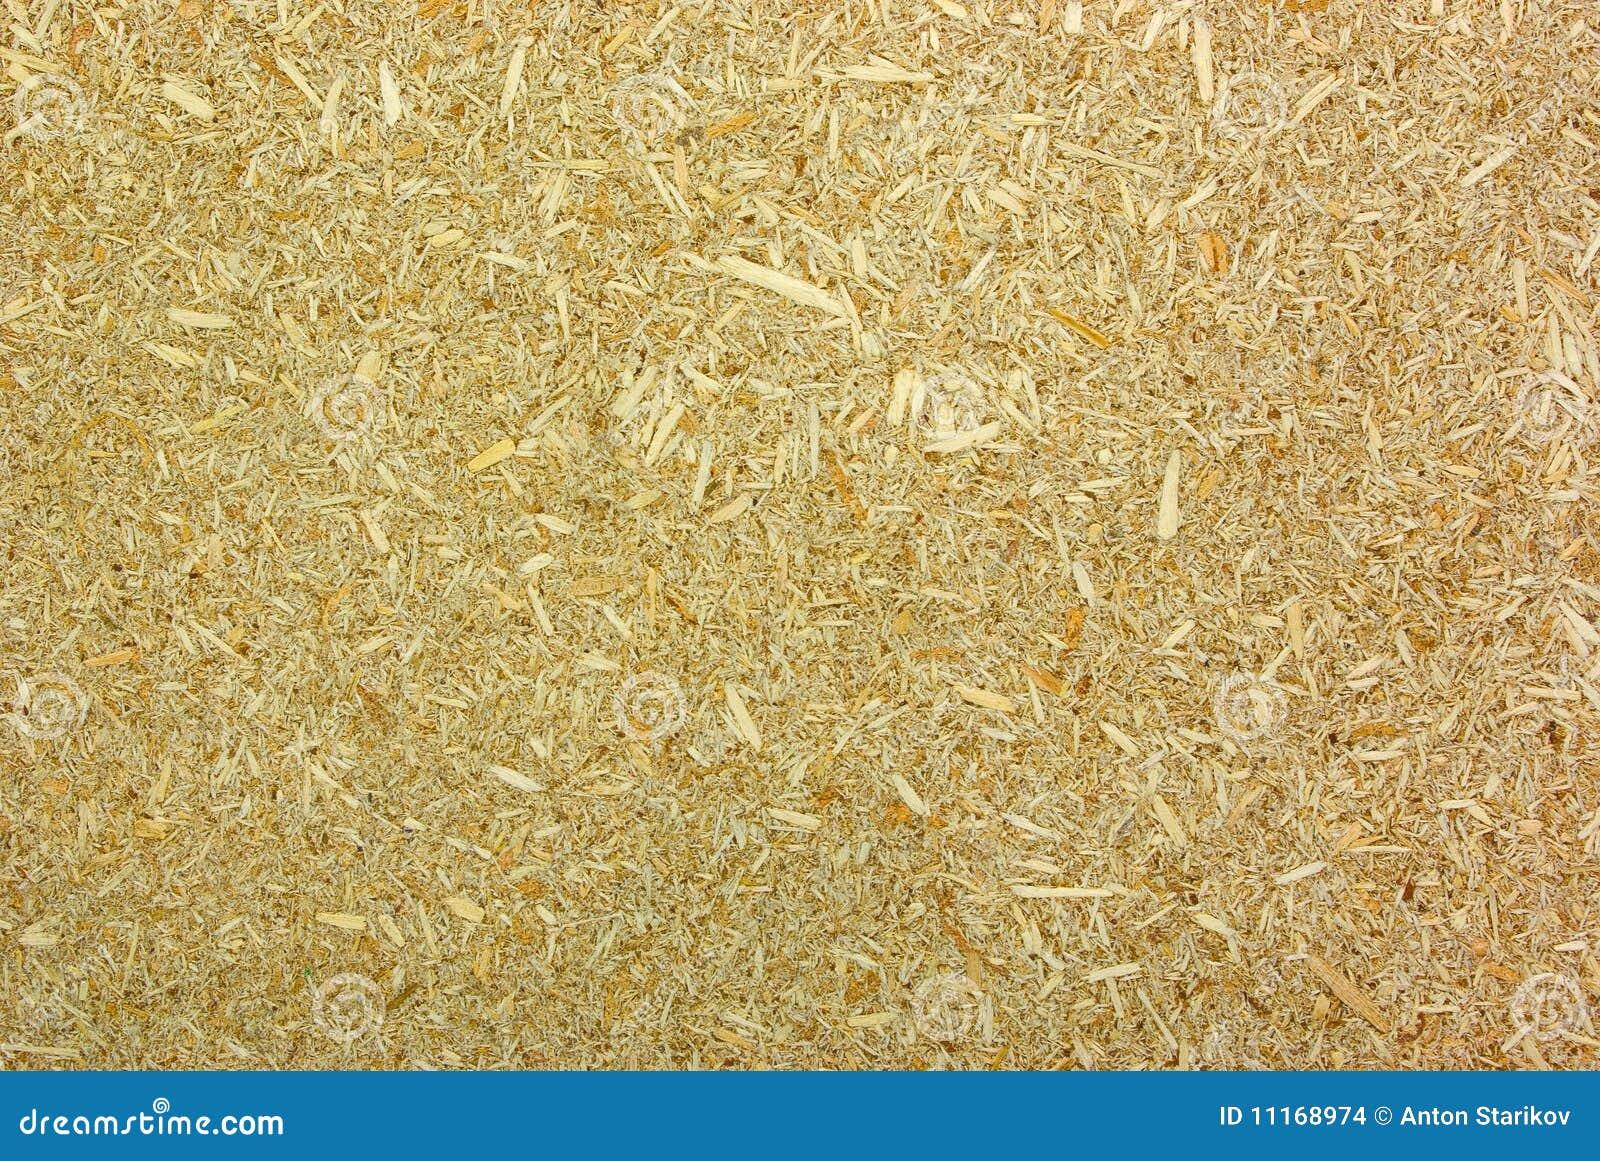 Tablero de madera aglomerada imagenes de archivo imagen - Tablero madera ...